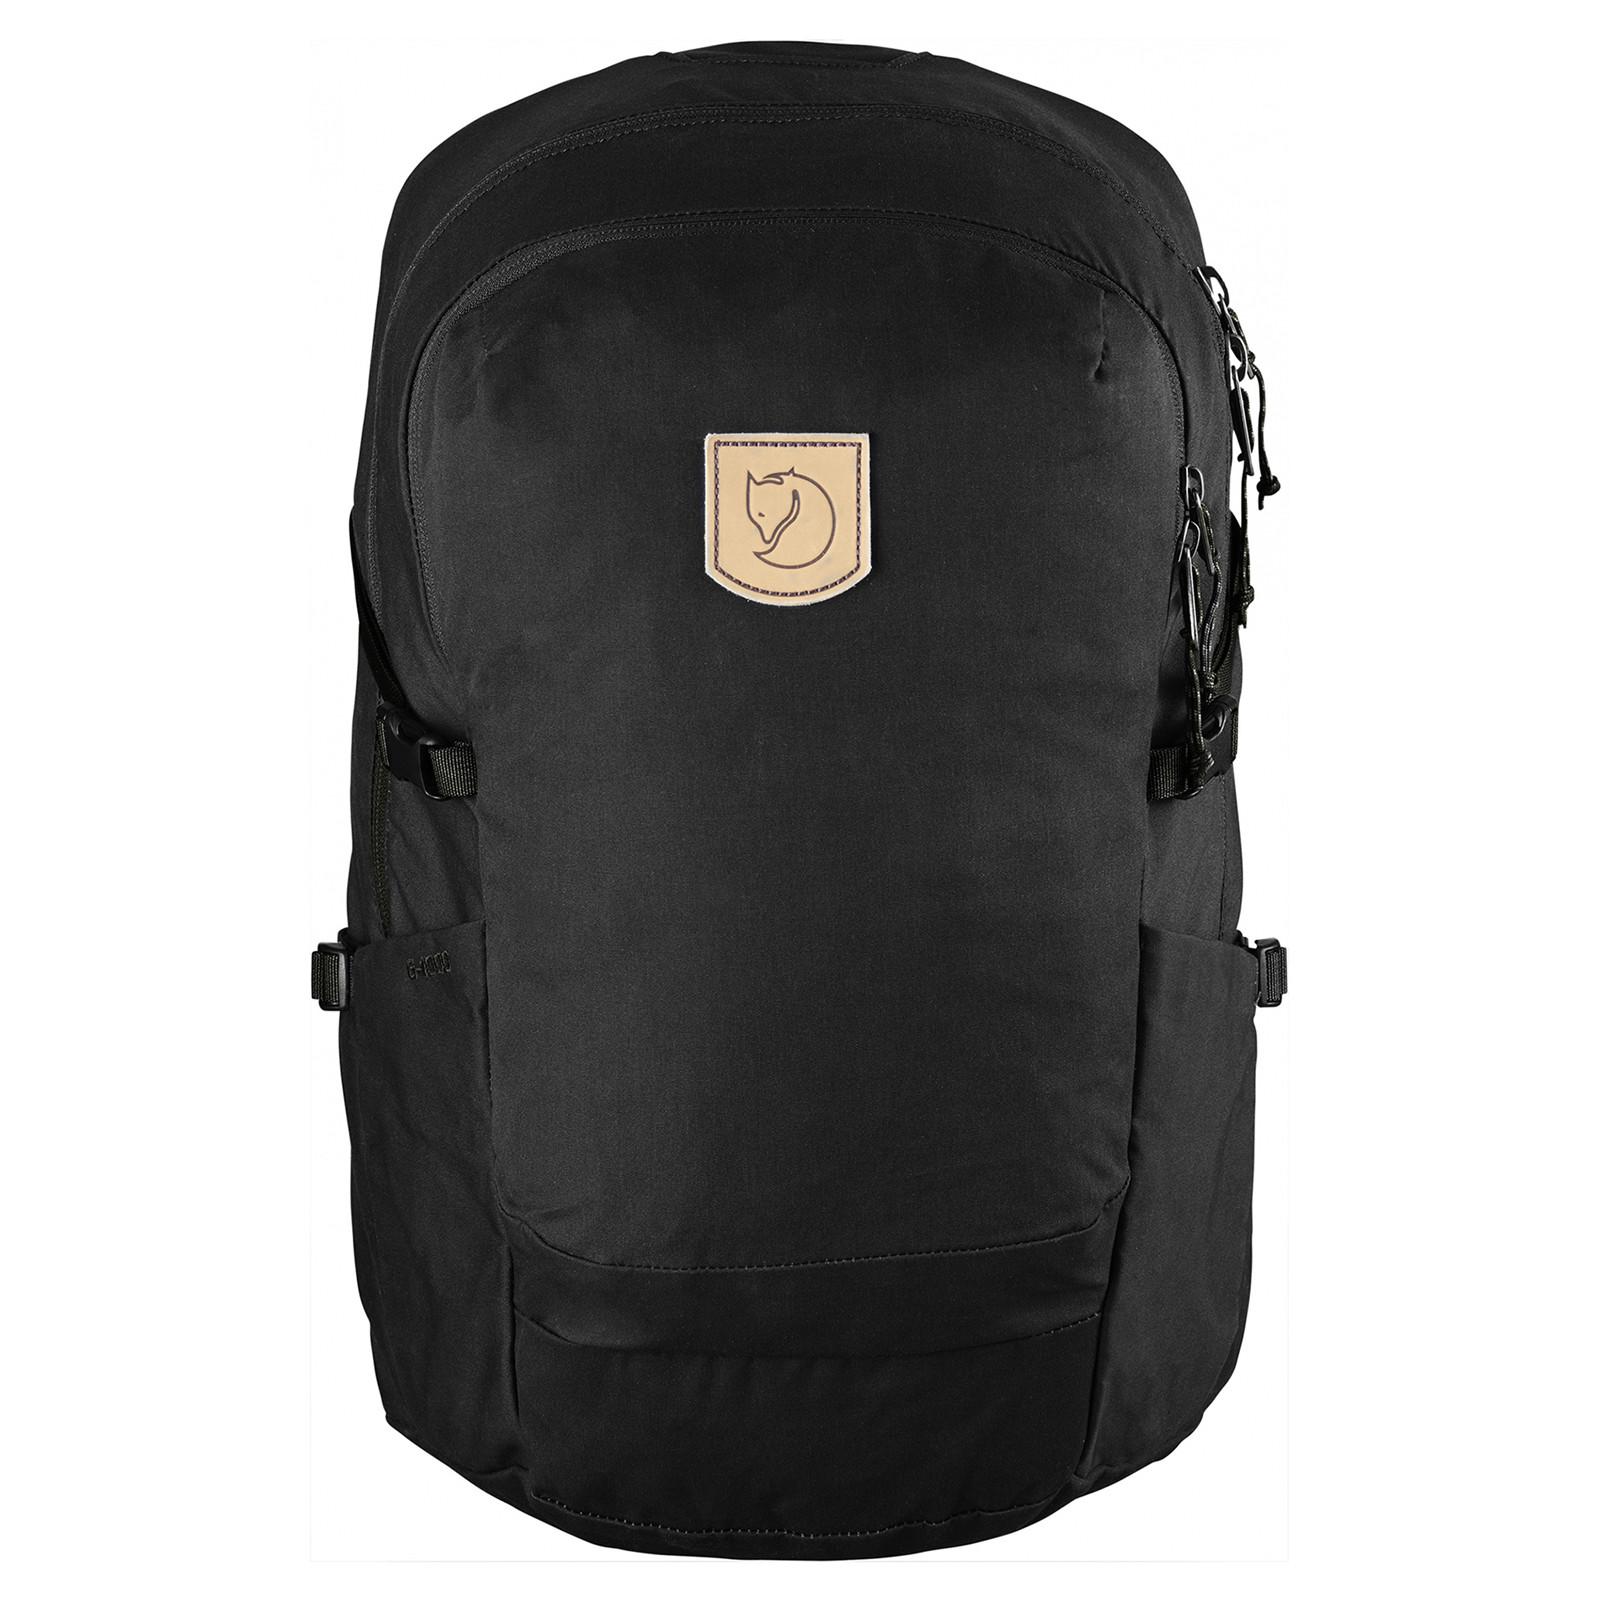 184ba43c5 Fjællræven tasker og rygsække   Find billigst hos Helm